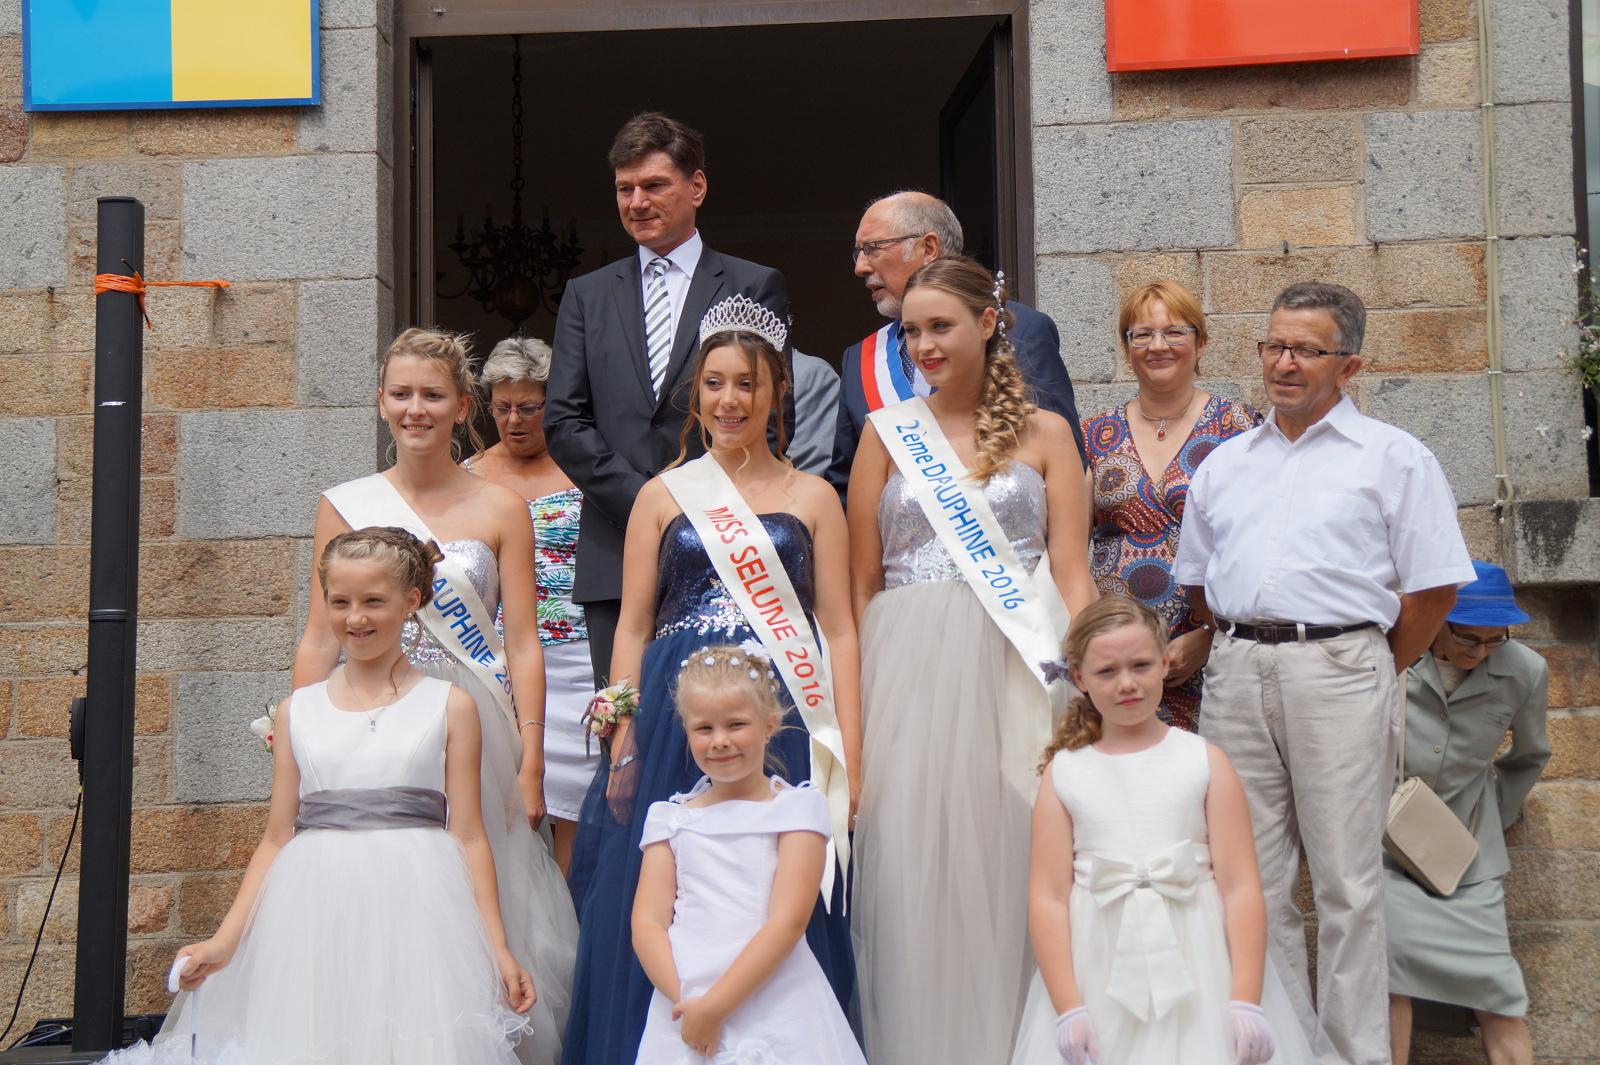 Bürgermeister Klaus Kaufmann und Bürgermeister Denis Laporte mit Miss Selune und ihrer Prinzessinen